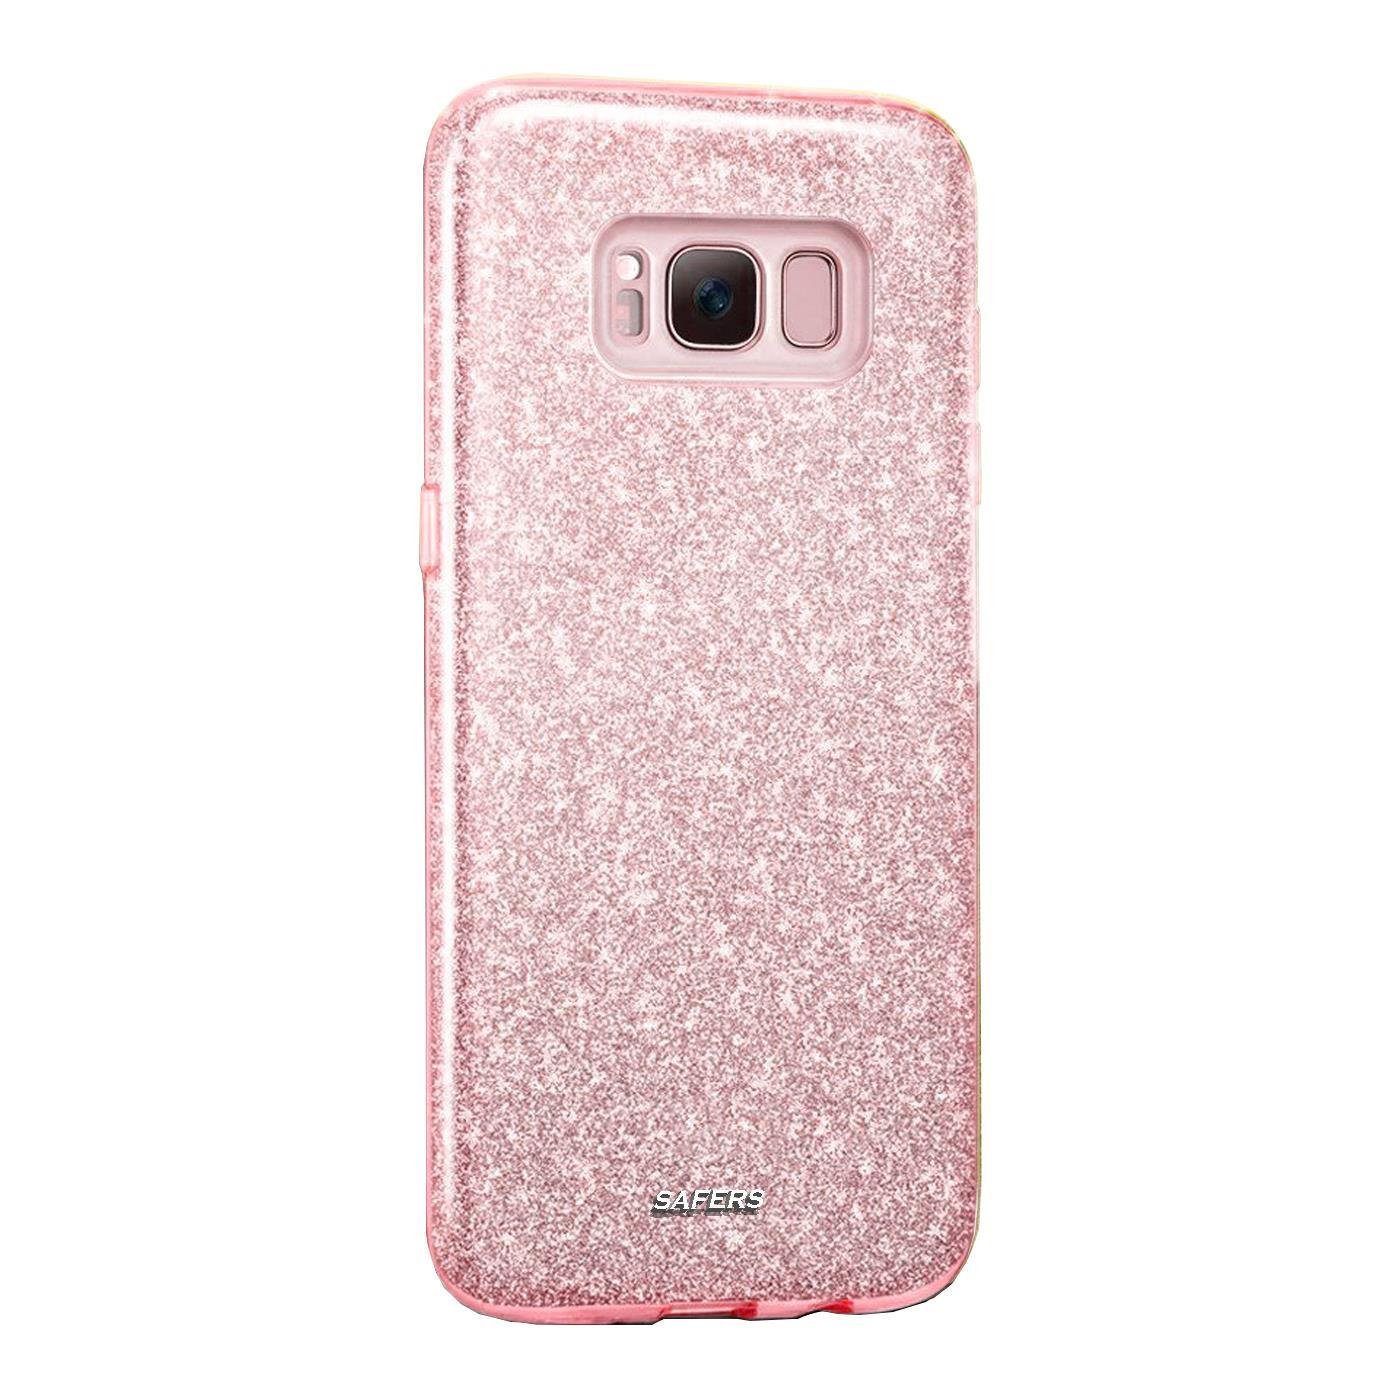 Handy-Glitzer-Huelle-fuer-Samsung-Galaxy-Slim-TPU-Cover-Case-Silikon-Schutz-Tasche Indexbild 13